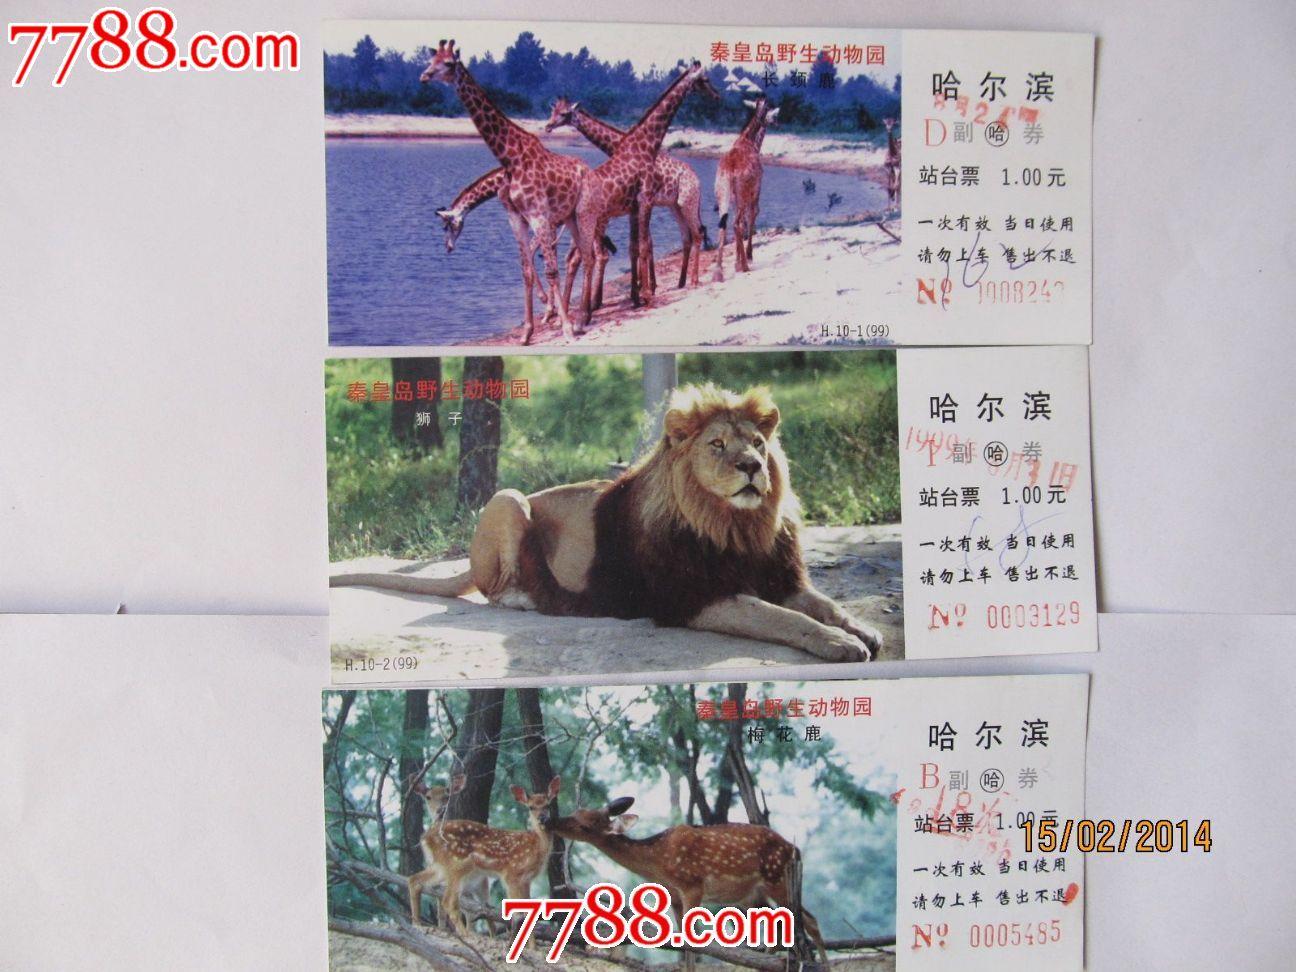 秦皇岛野生动物园-价格:10元-se22146284-火车票-零售